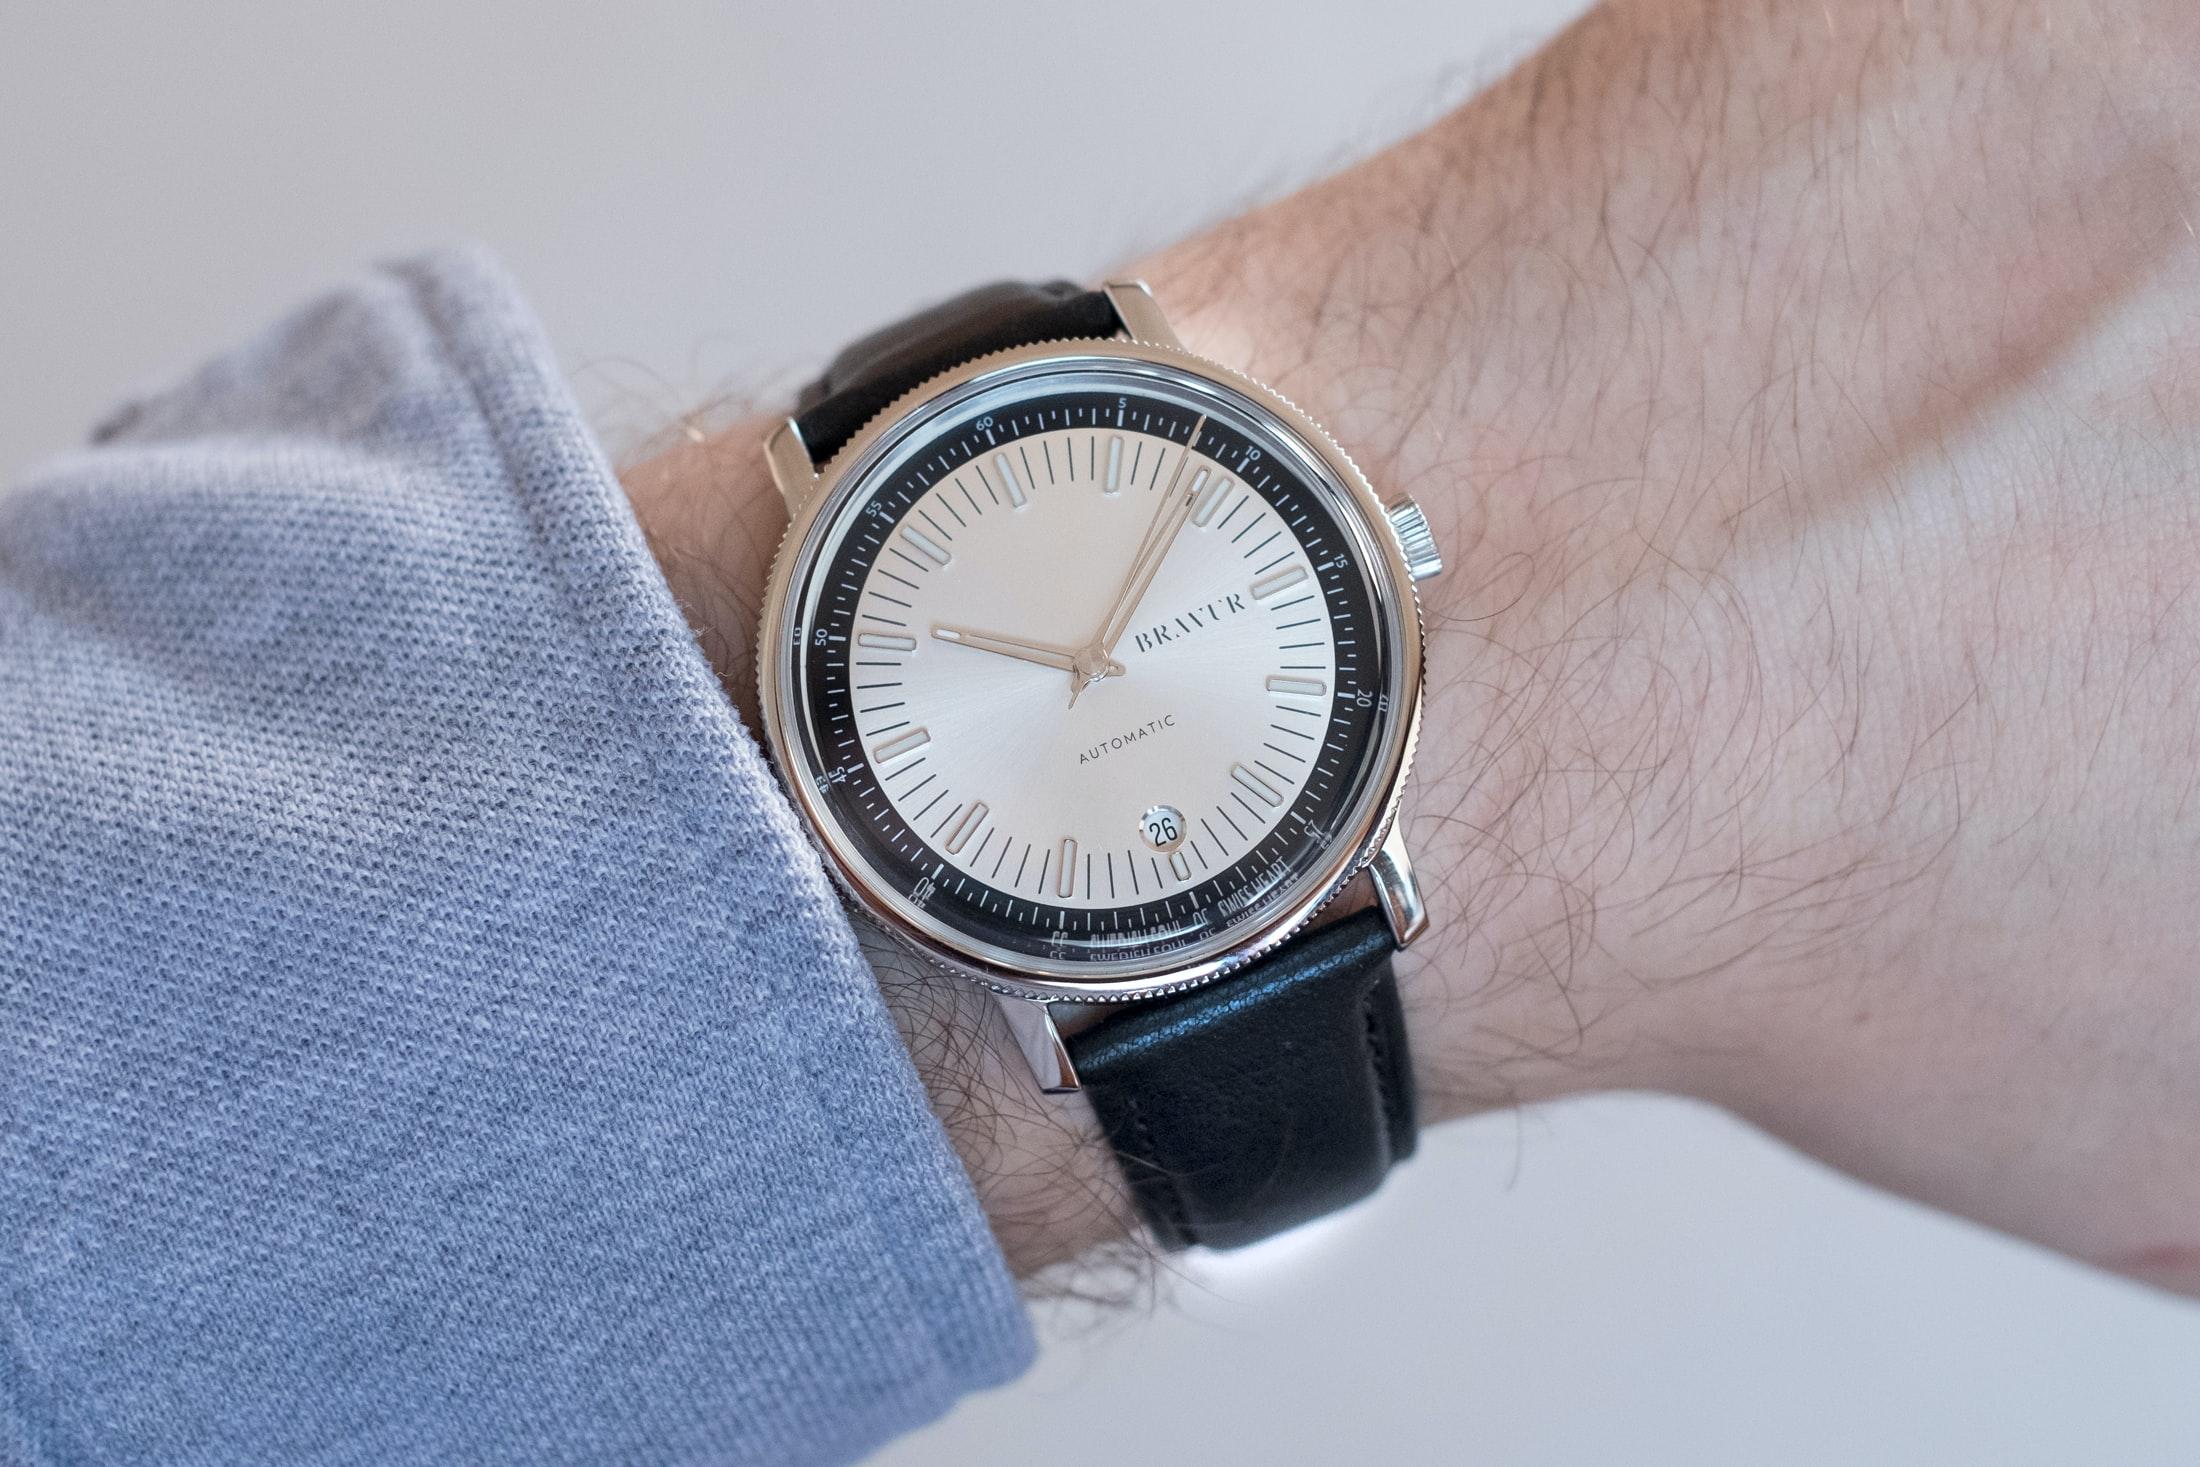 bravur watches bw003 silver wristshot Hands-On: The Bravur BW003 Automatic Hands-On: The Bravur BW003 Automatic bravur 01